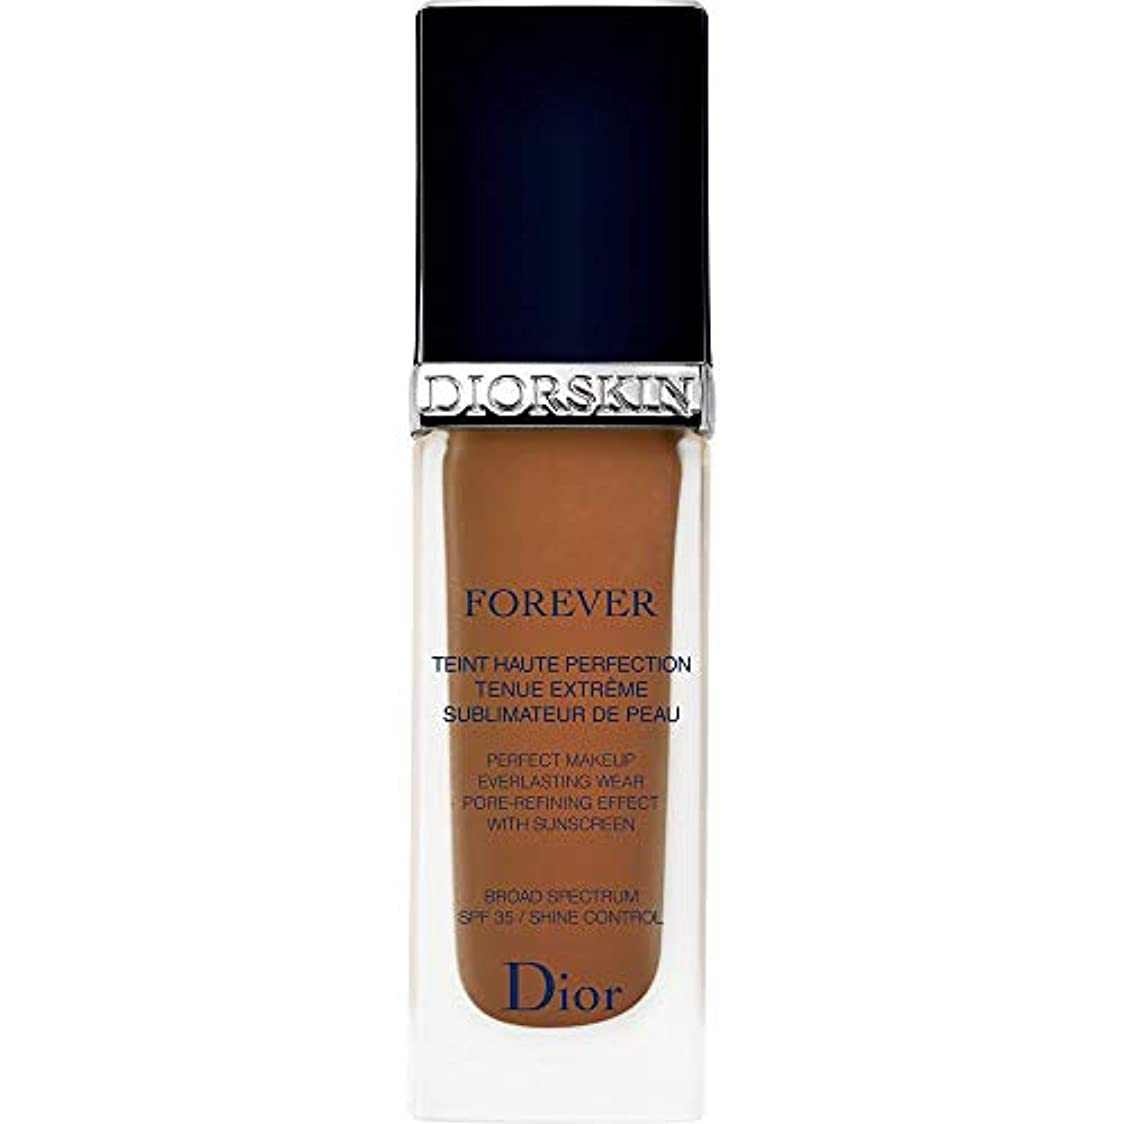 航海のワークショップ雰囲気[Dior ] ディオールディオールスキン永遠基礎Spf35 30ミリリットル070 - ダークブラウン - DIOR Diorskin Forever Foundation SPF35 30ml 070 - Dark...